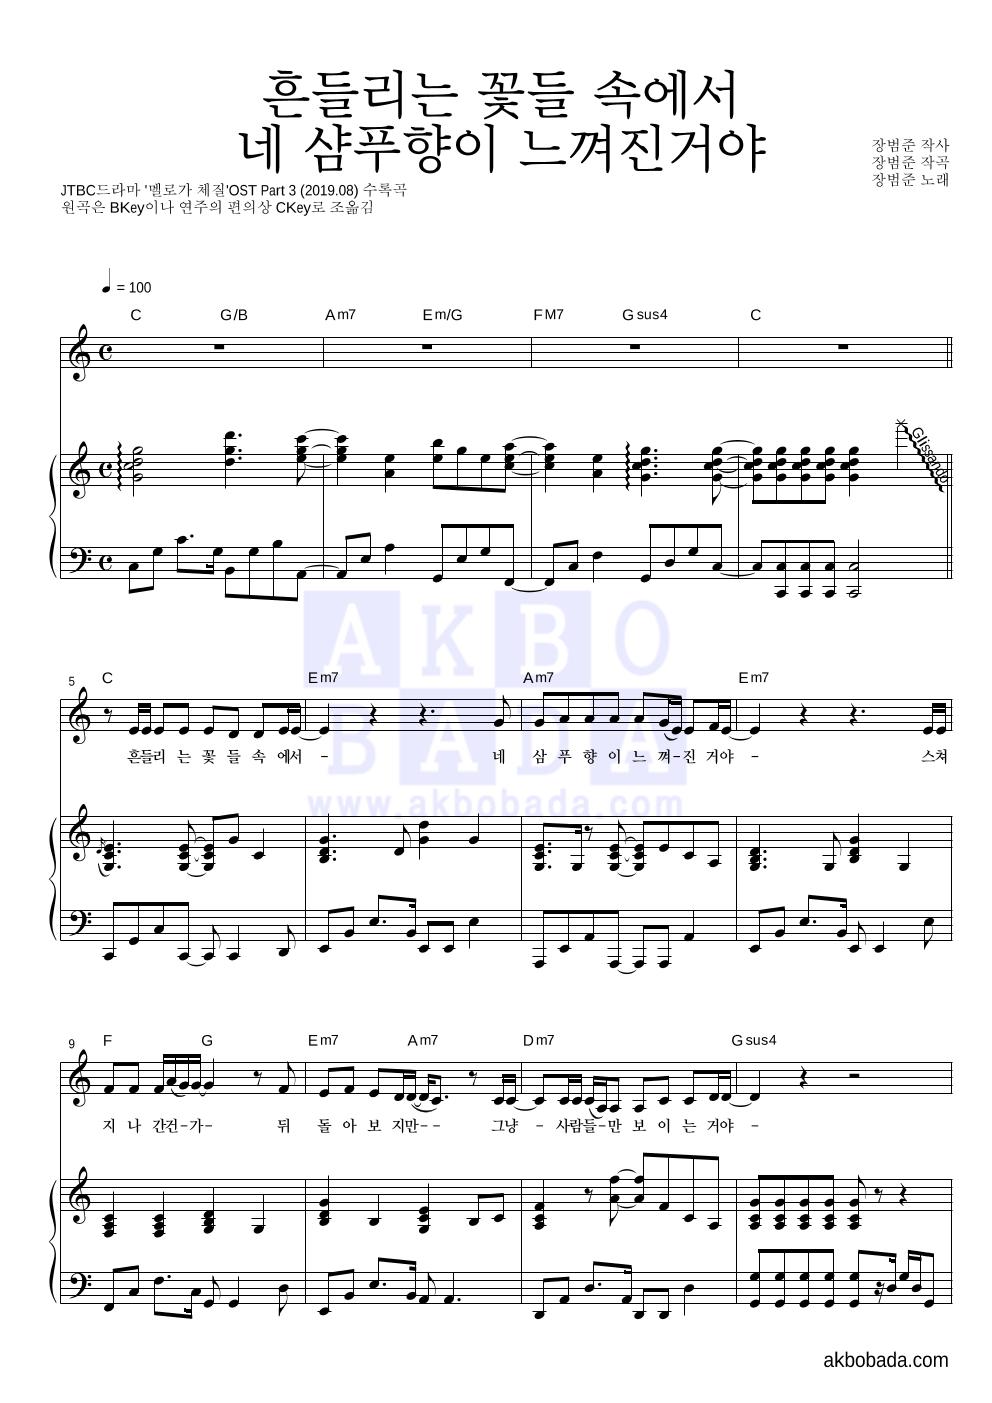 장범준 - 흔들리는 꽃들 속에서 네 샴푸향이 느껴진거야 피아노 3단 악보